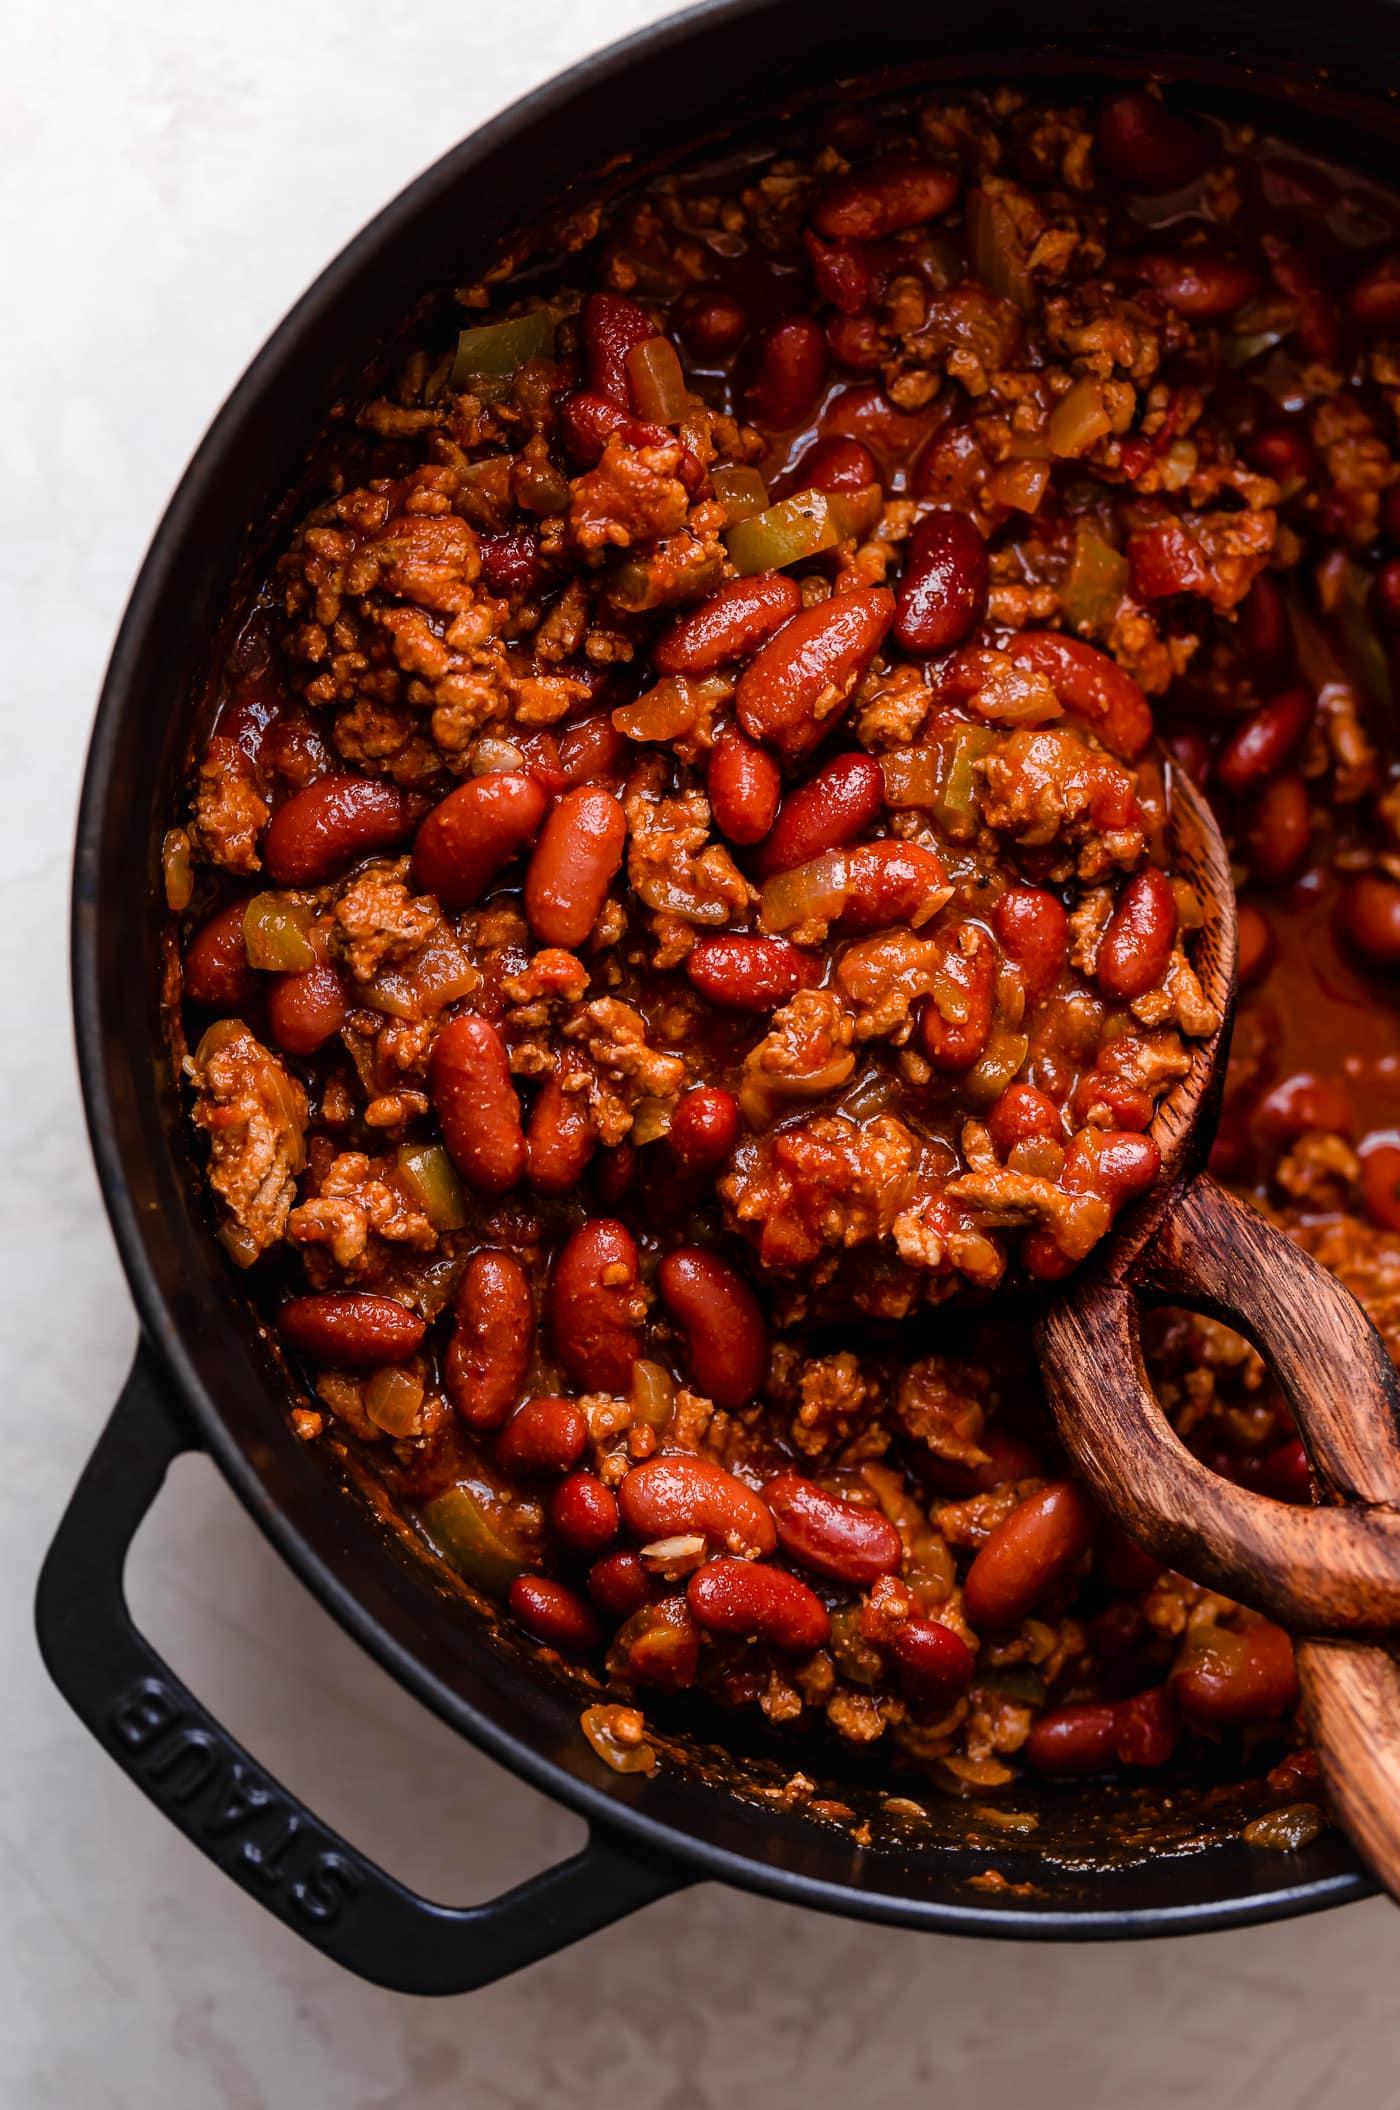 How To Make Turkey Chili Recipe